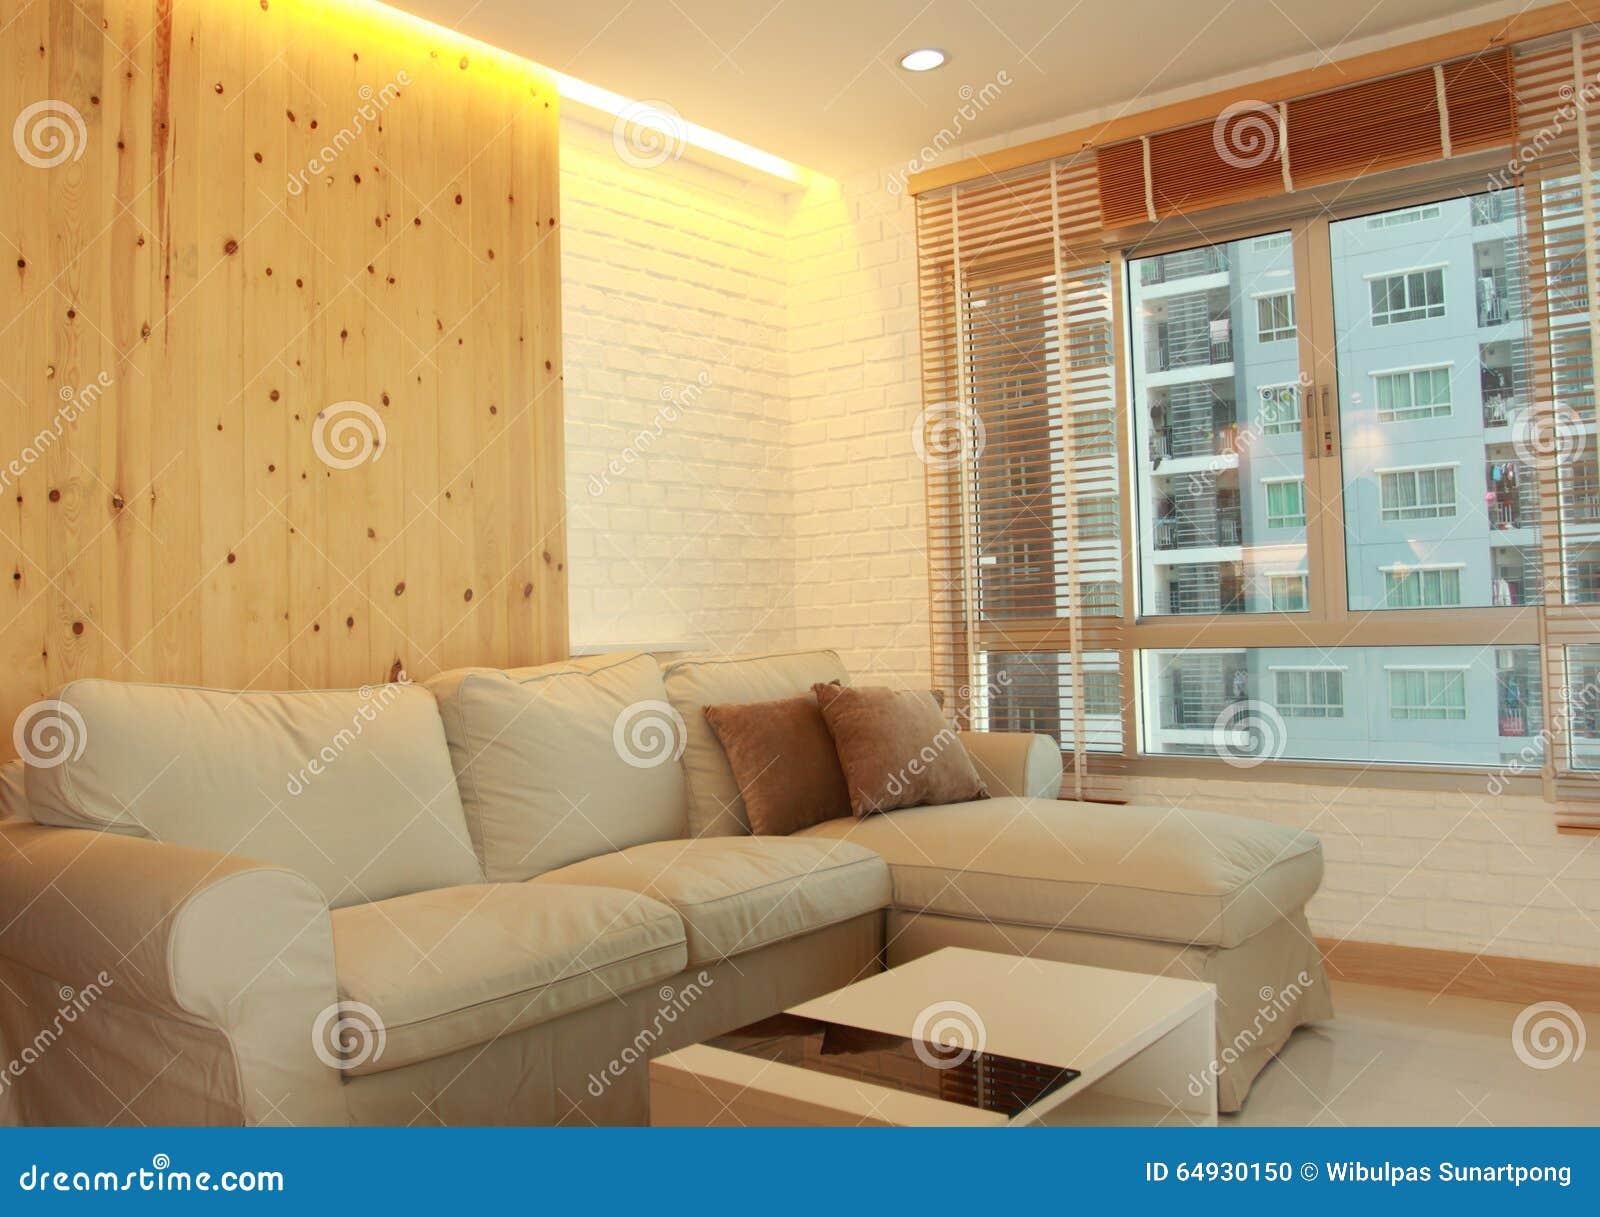 Vardagsrum Med Den Ljusa Wood Panelen Och Gömd Belysning Arkivfoto ...